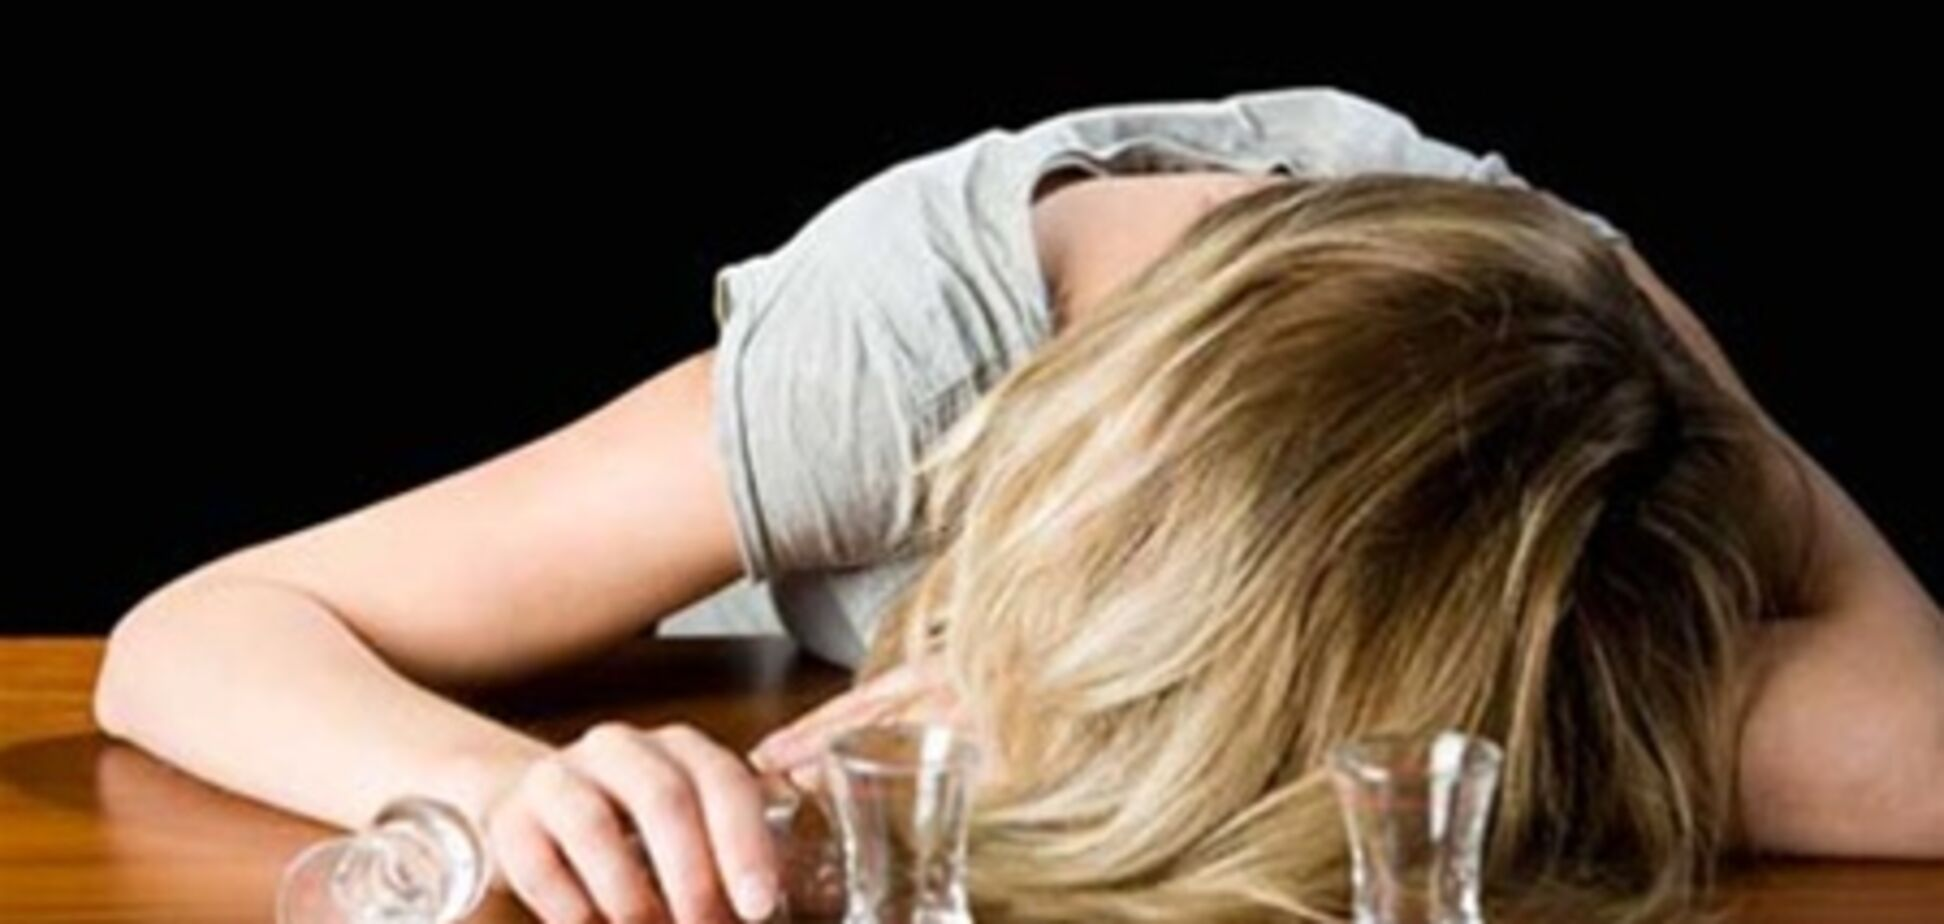 Алкоголизм подкосил жителей Киева